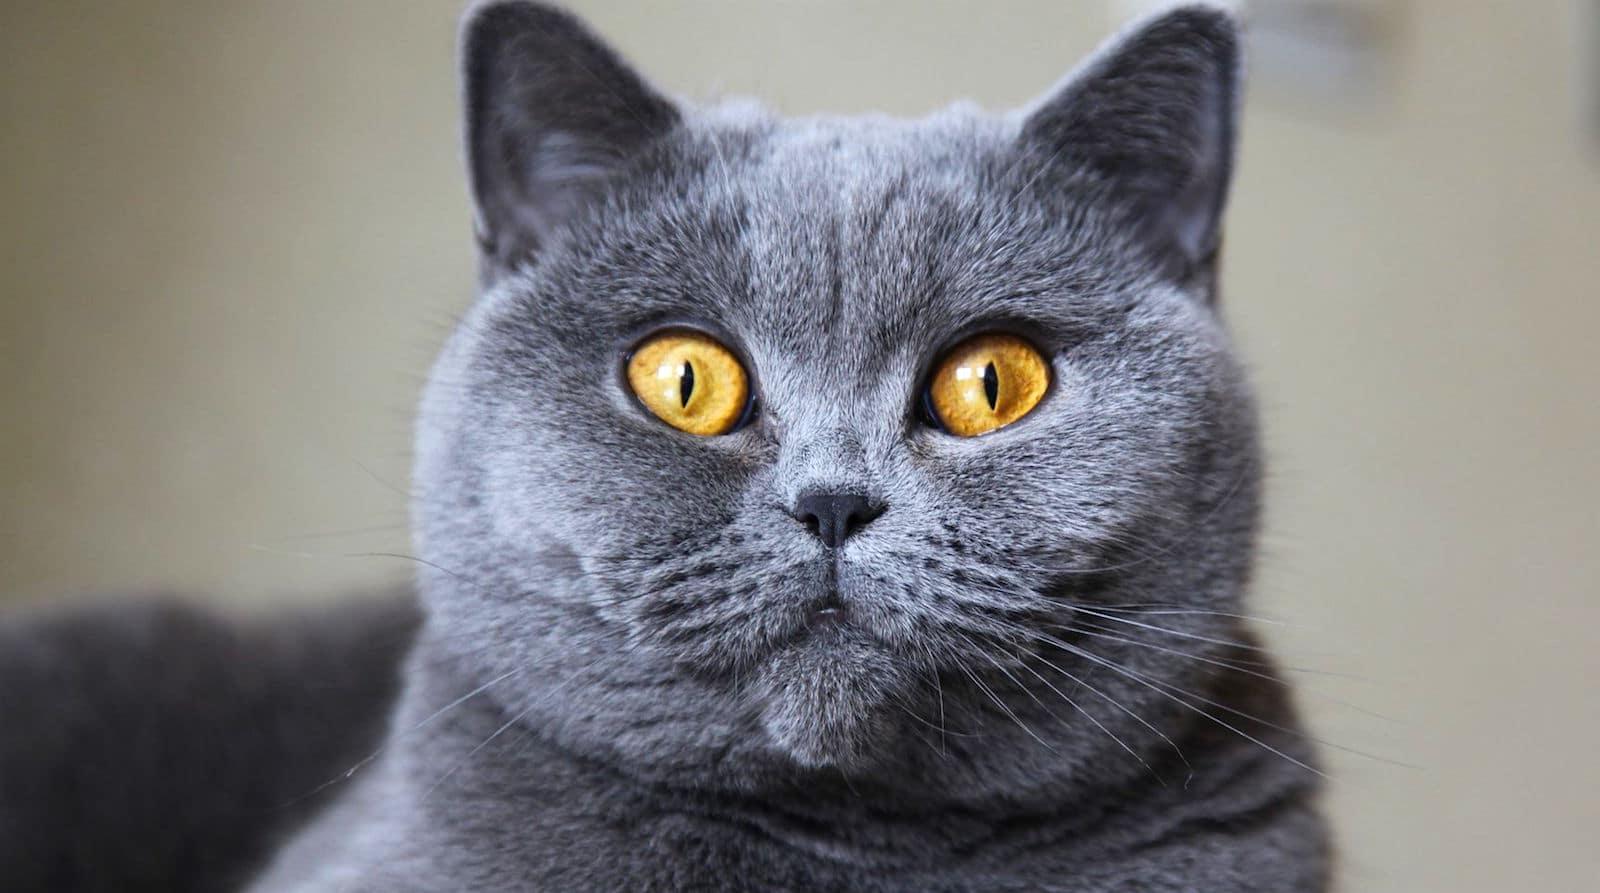 Kedilerin türleri: Evcil hayvanlar hakkında bilmeniz gerekenler